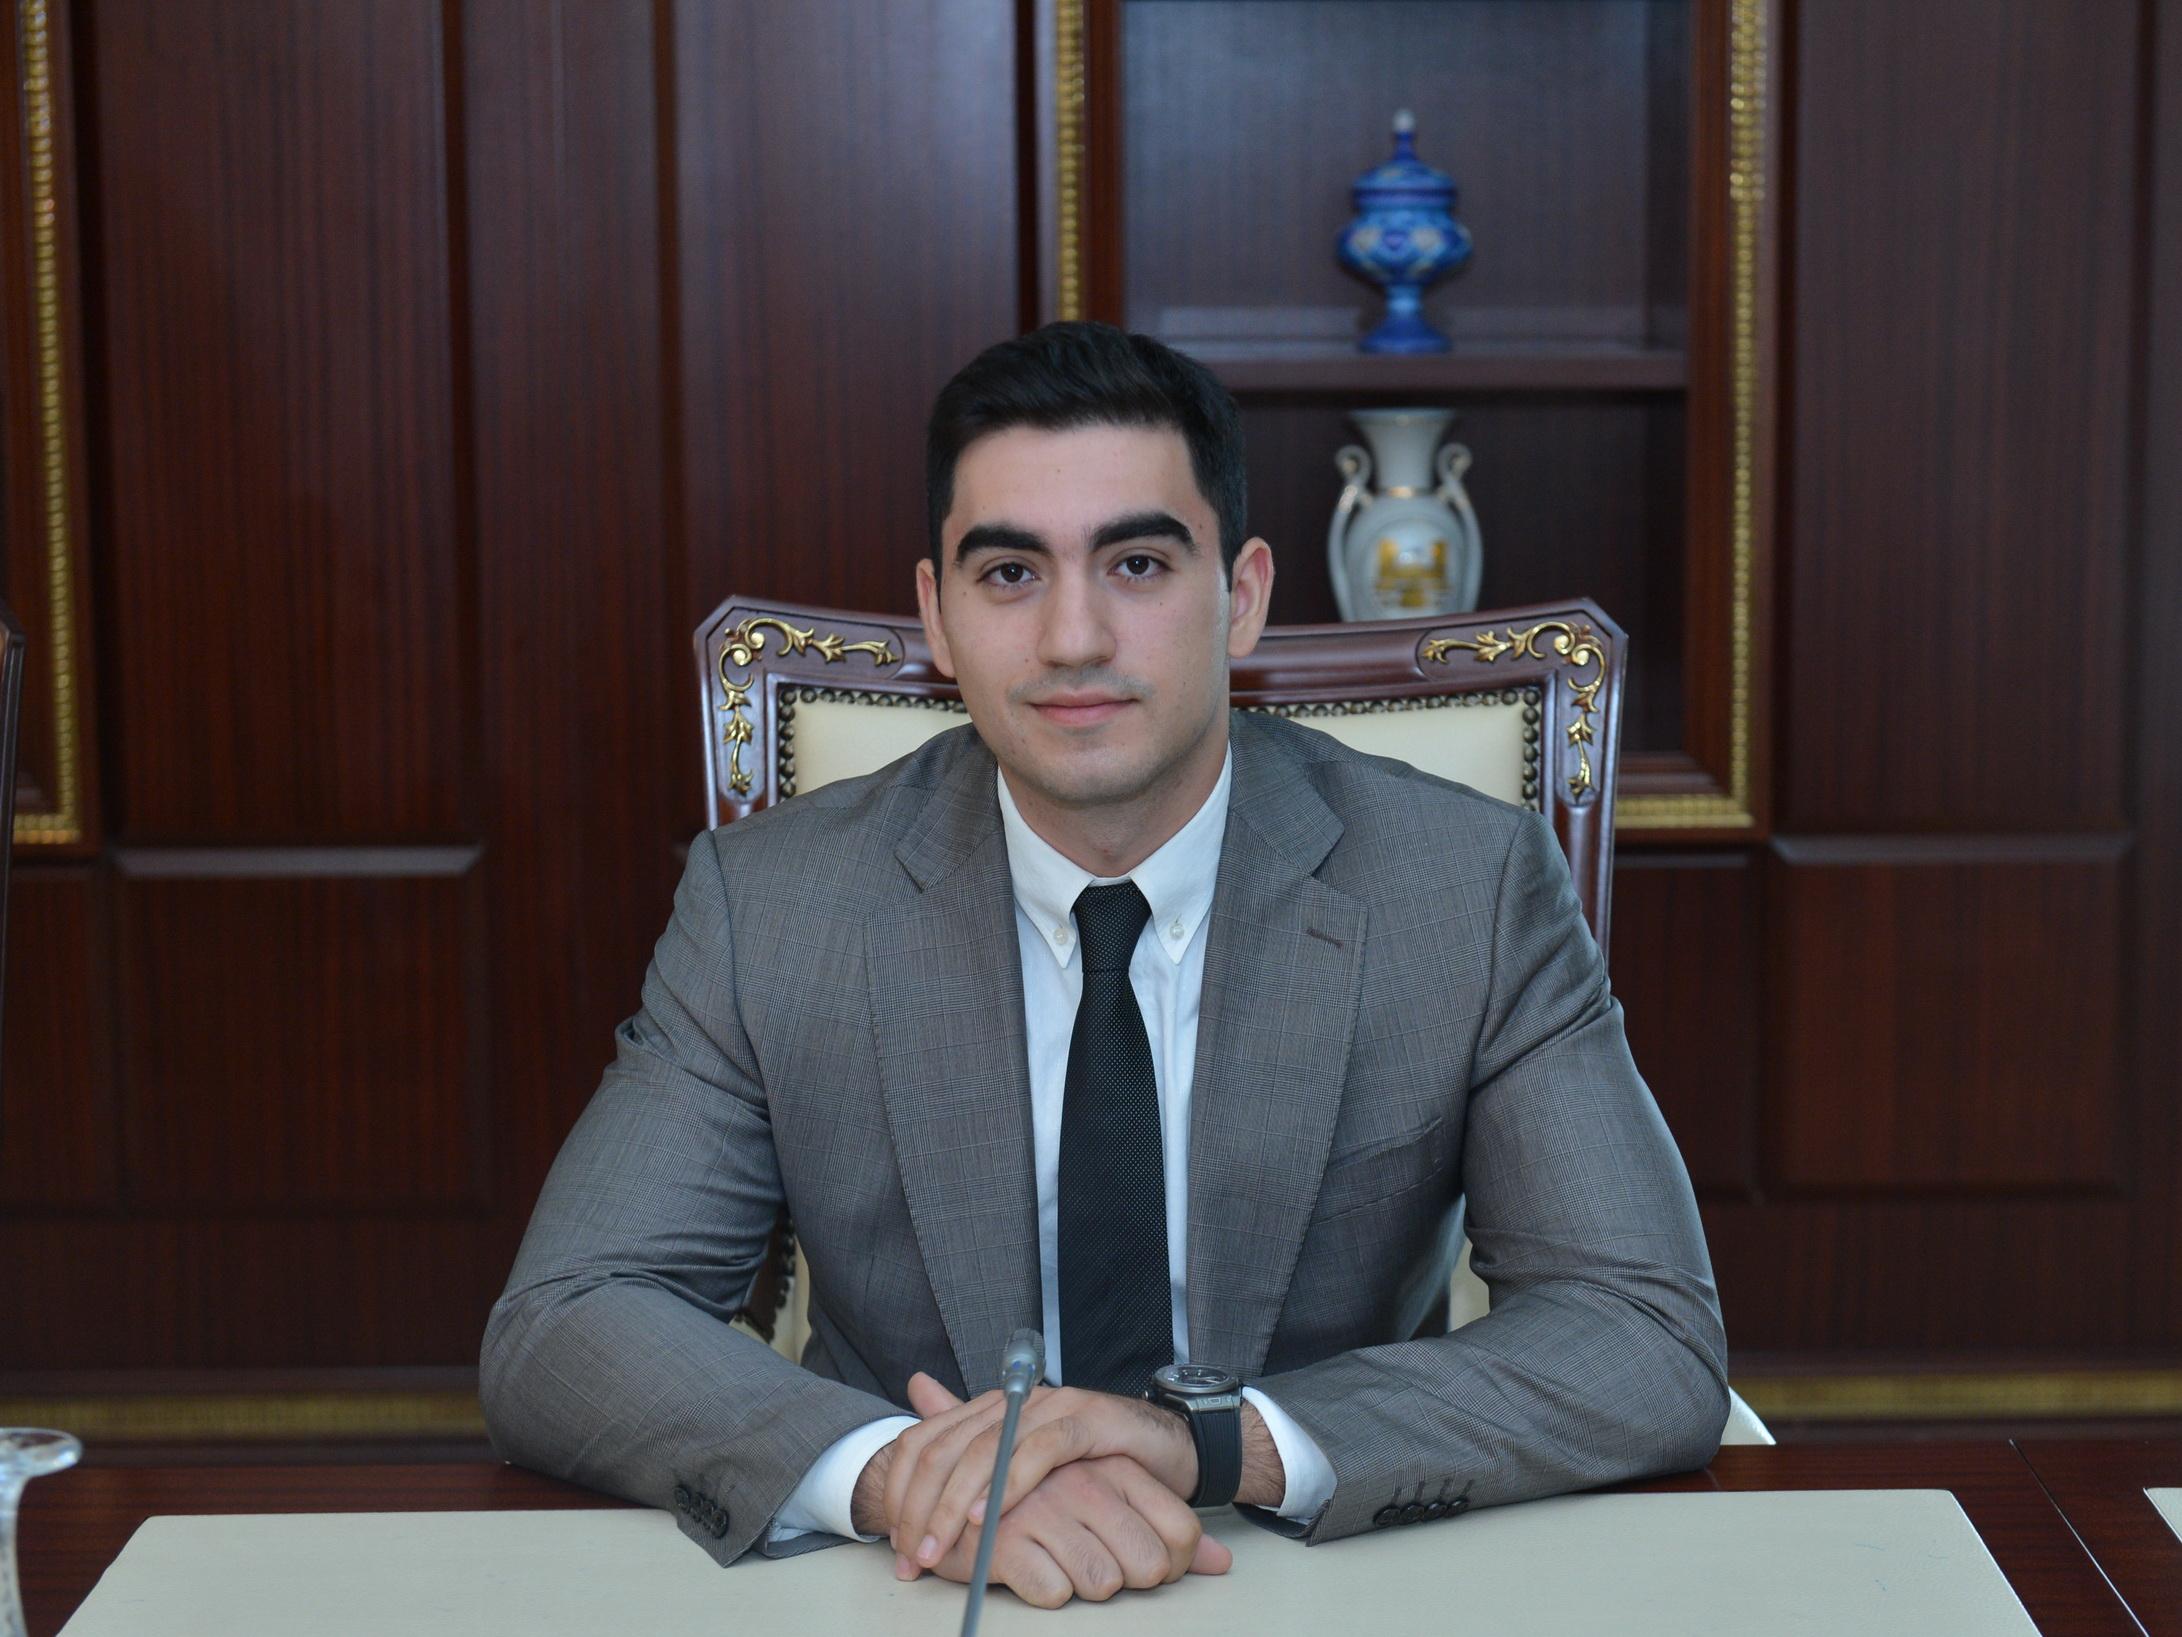 Азербайджано-грузинские отношения после спора о монастырском комплексе «Кешикчи Даг». Чего ожидать?